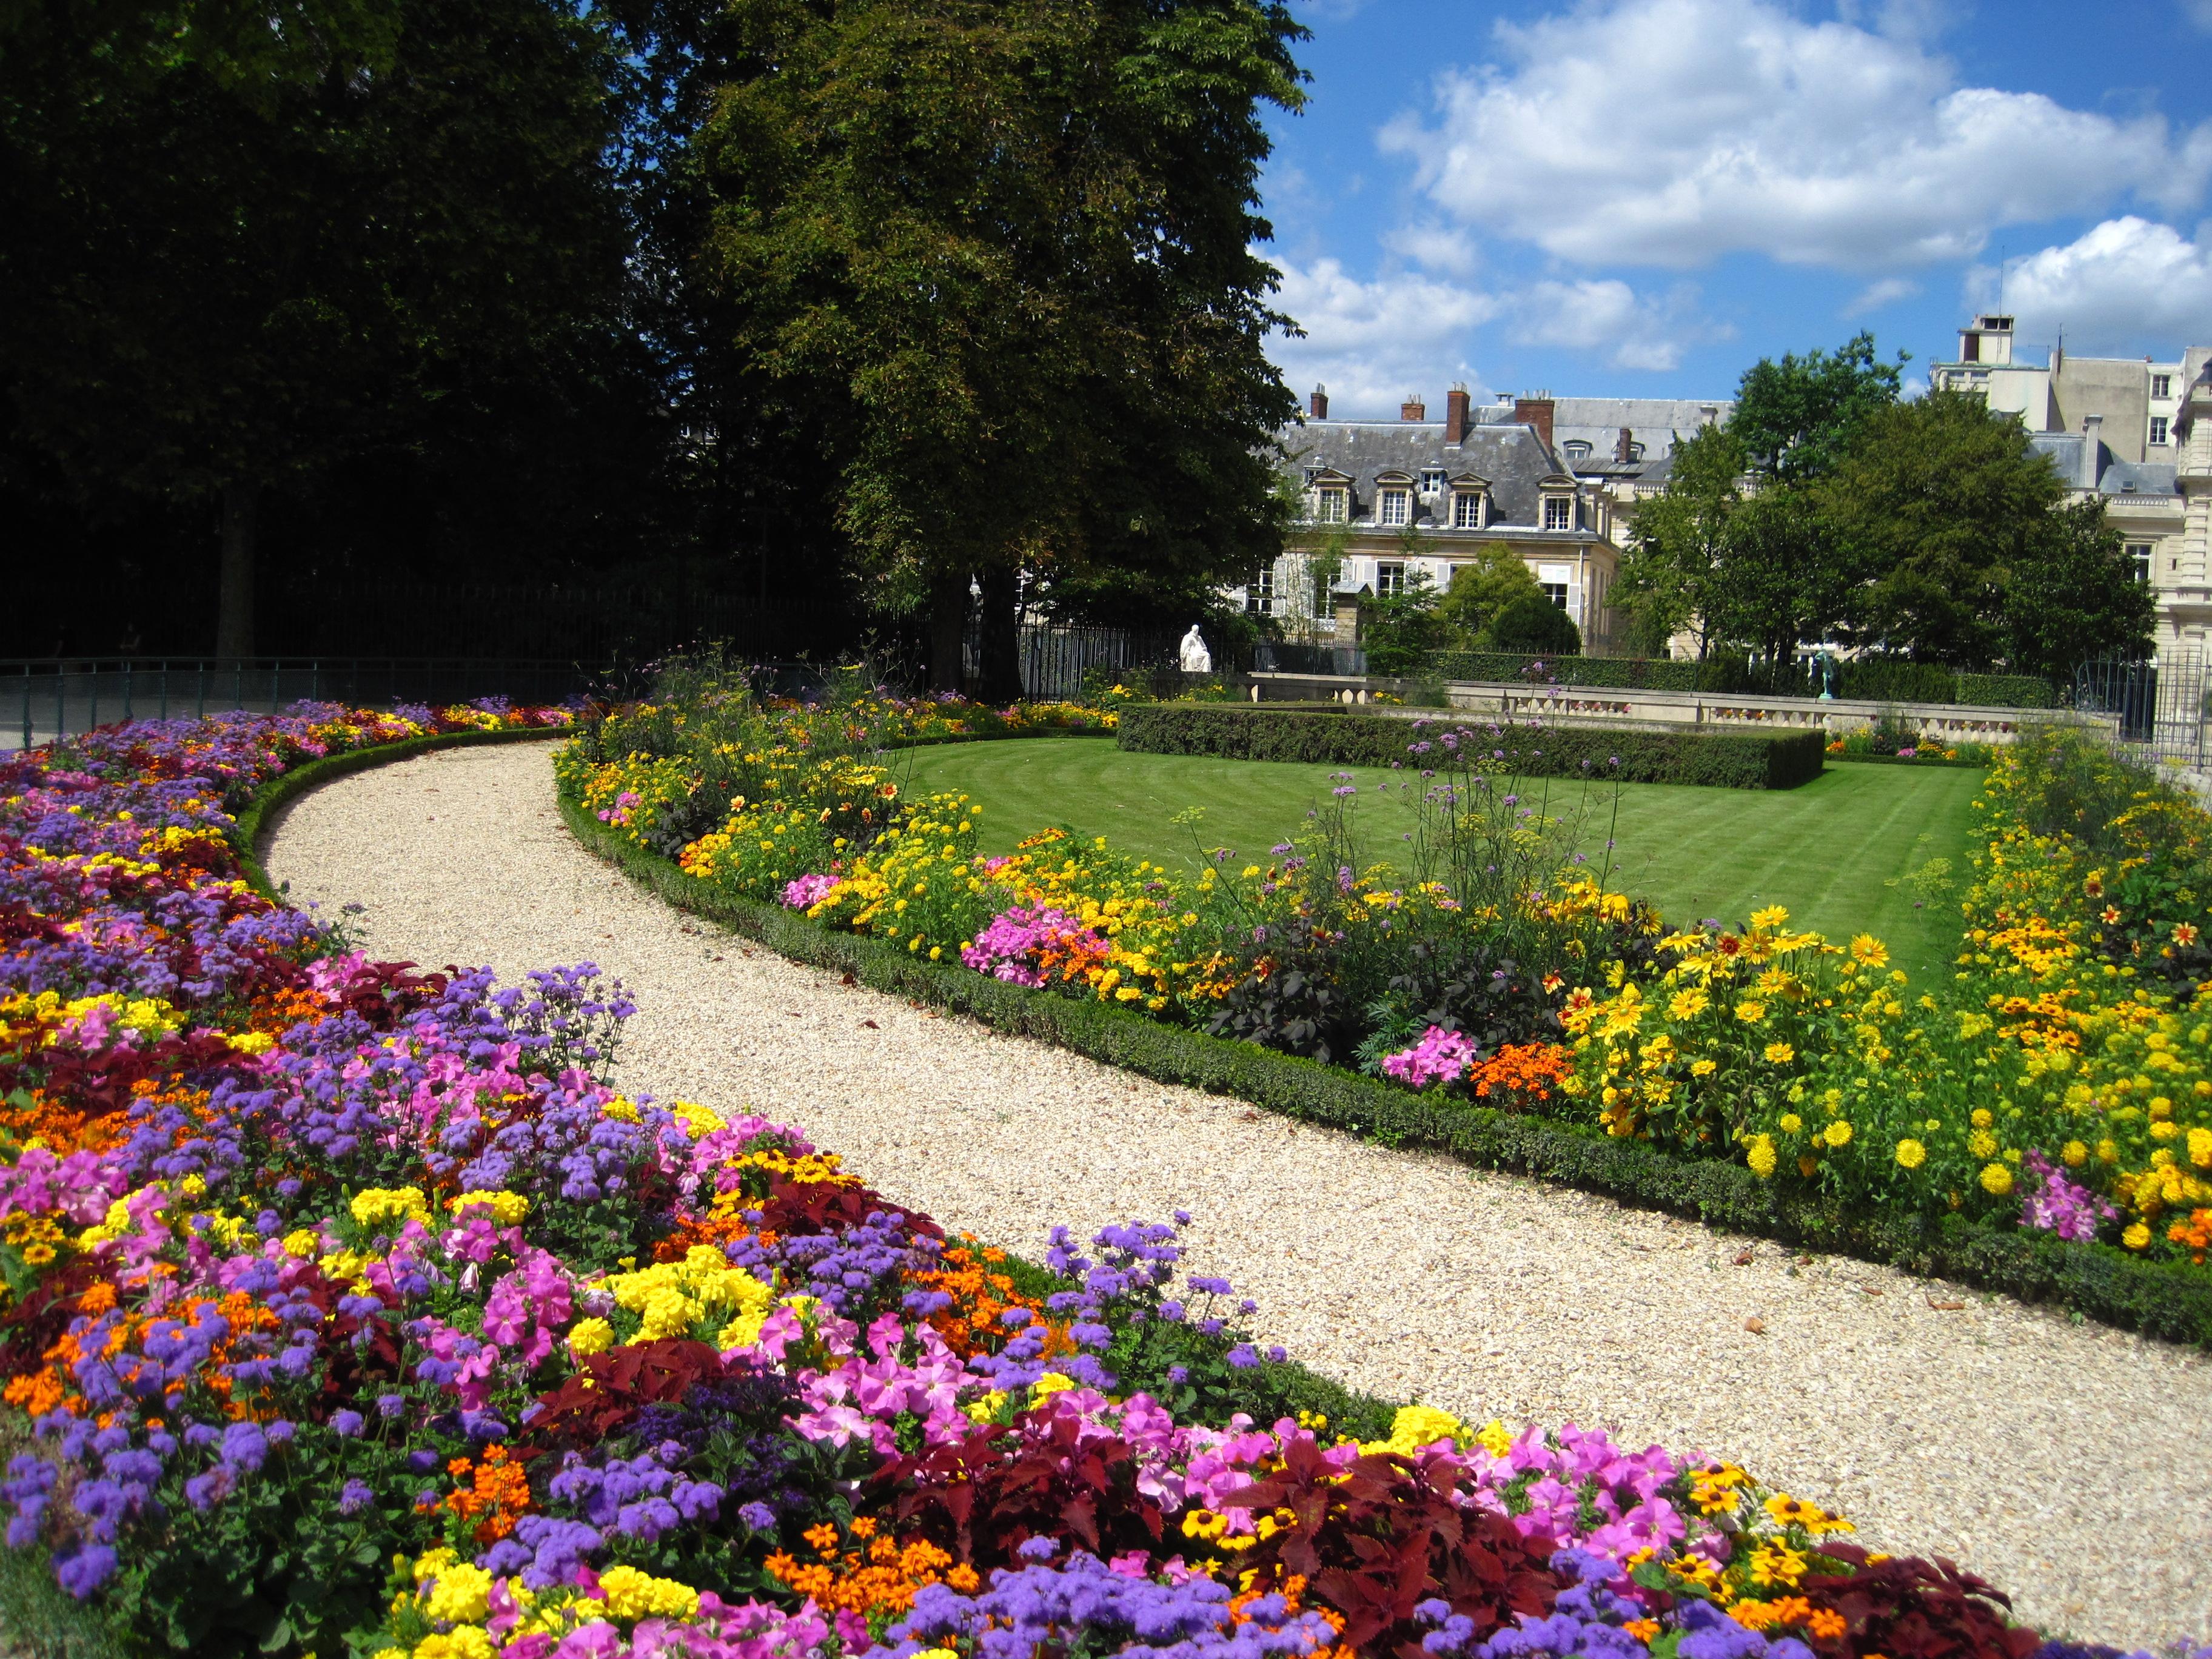 Le jardin du luxembourg de paris pour les enfants for Buvette des marionnettes du jardin du luxembourg